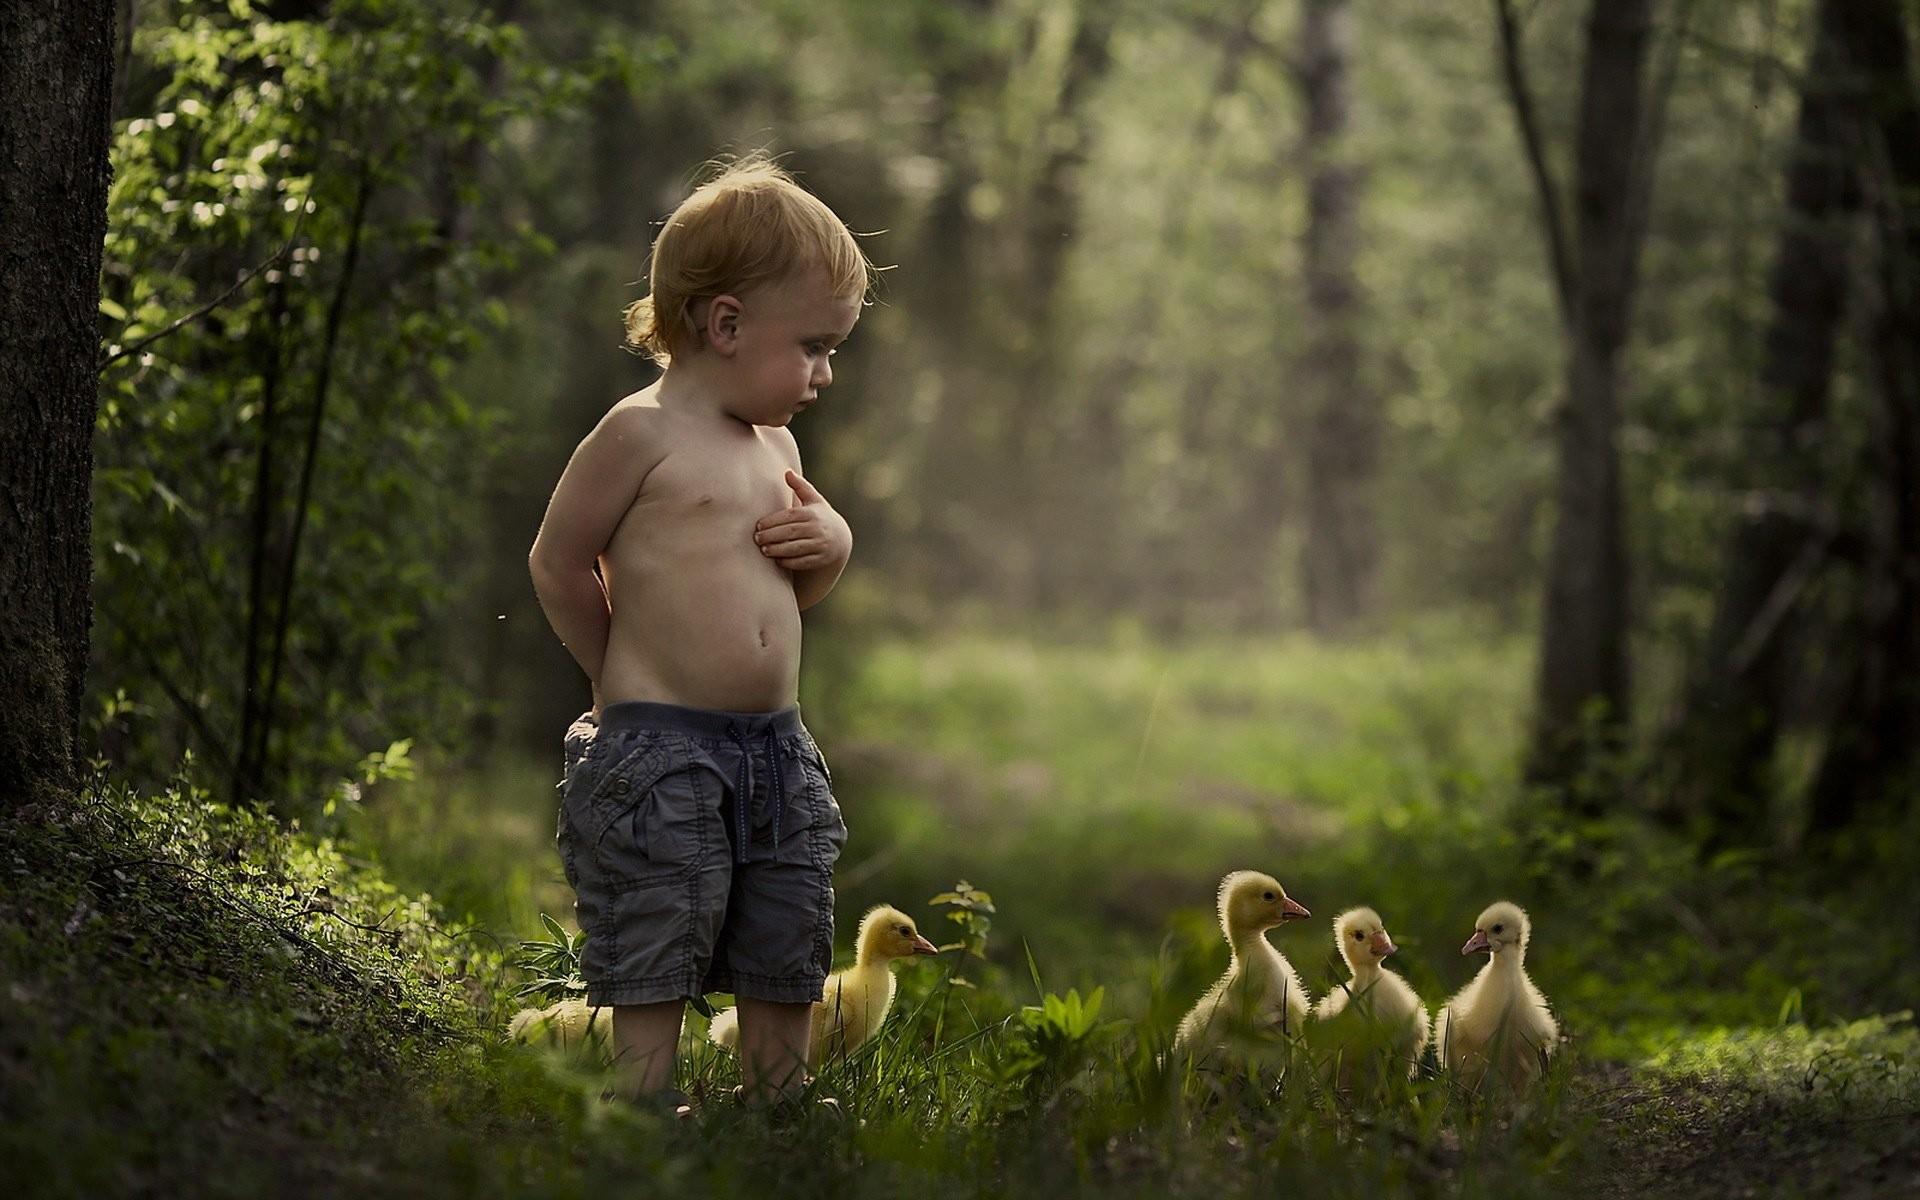 Mood malchik summer duck baby bird child children cute wallpaper |  | 433474 | WallpaperUP